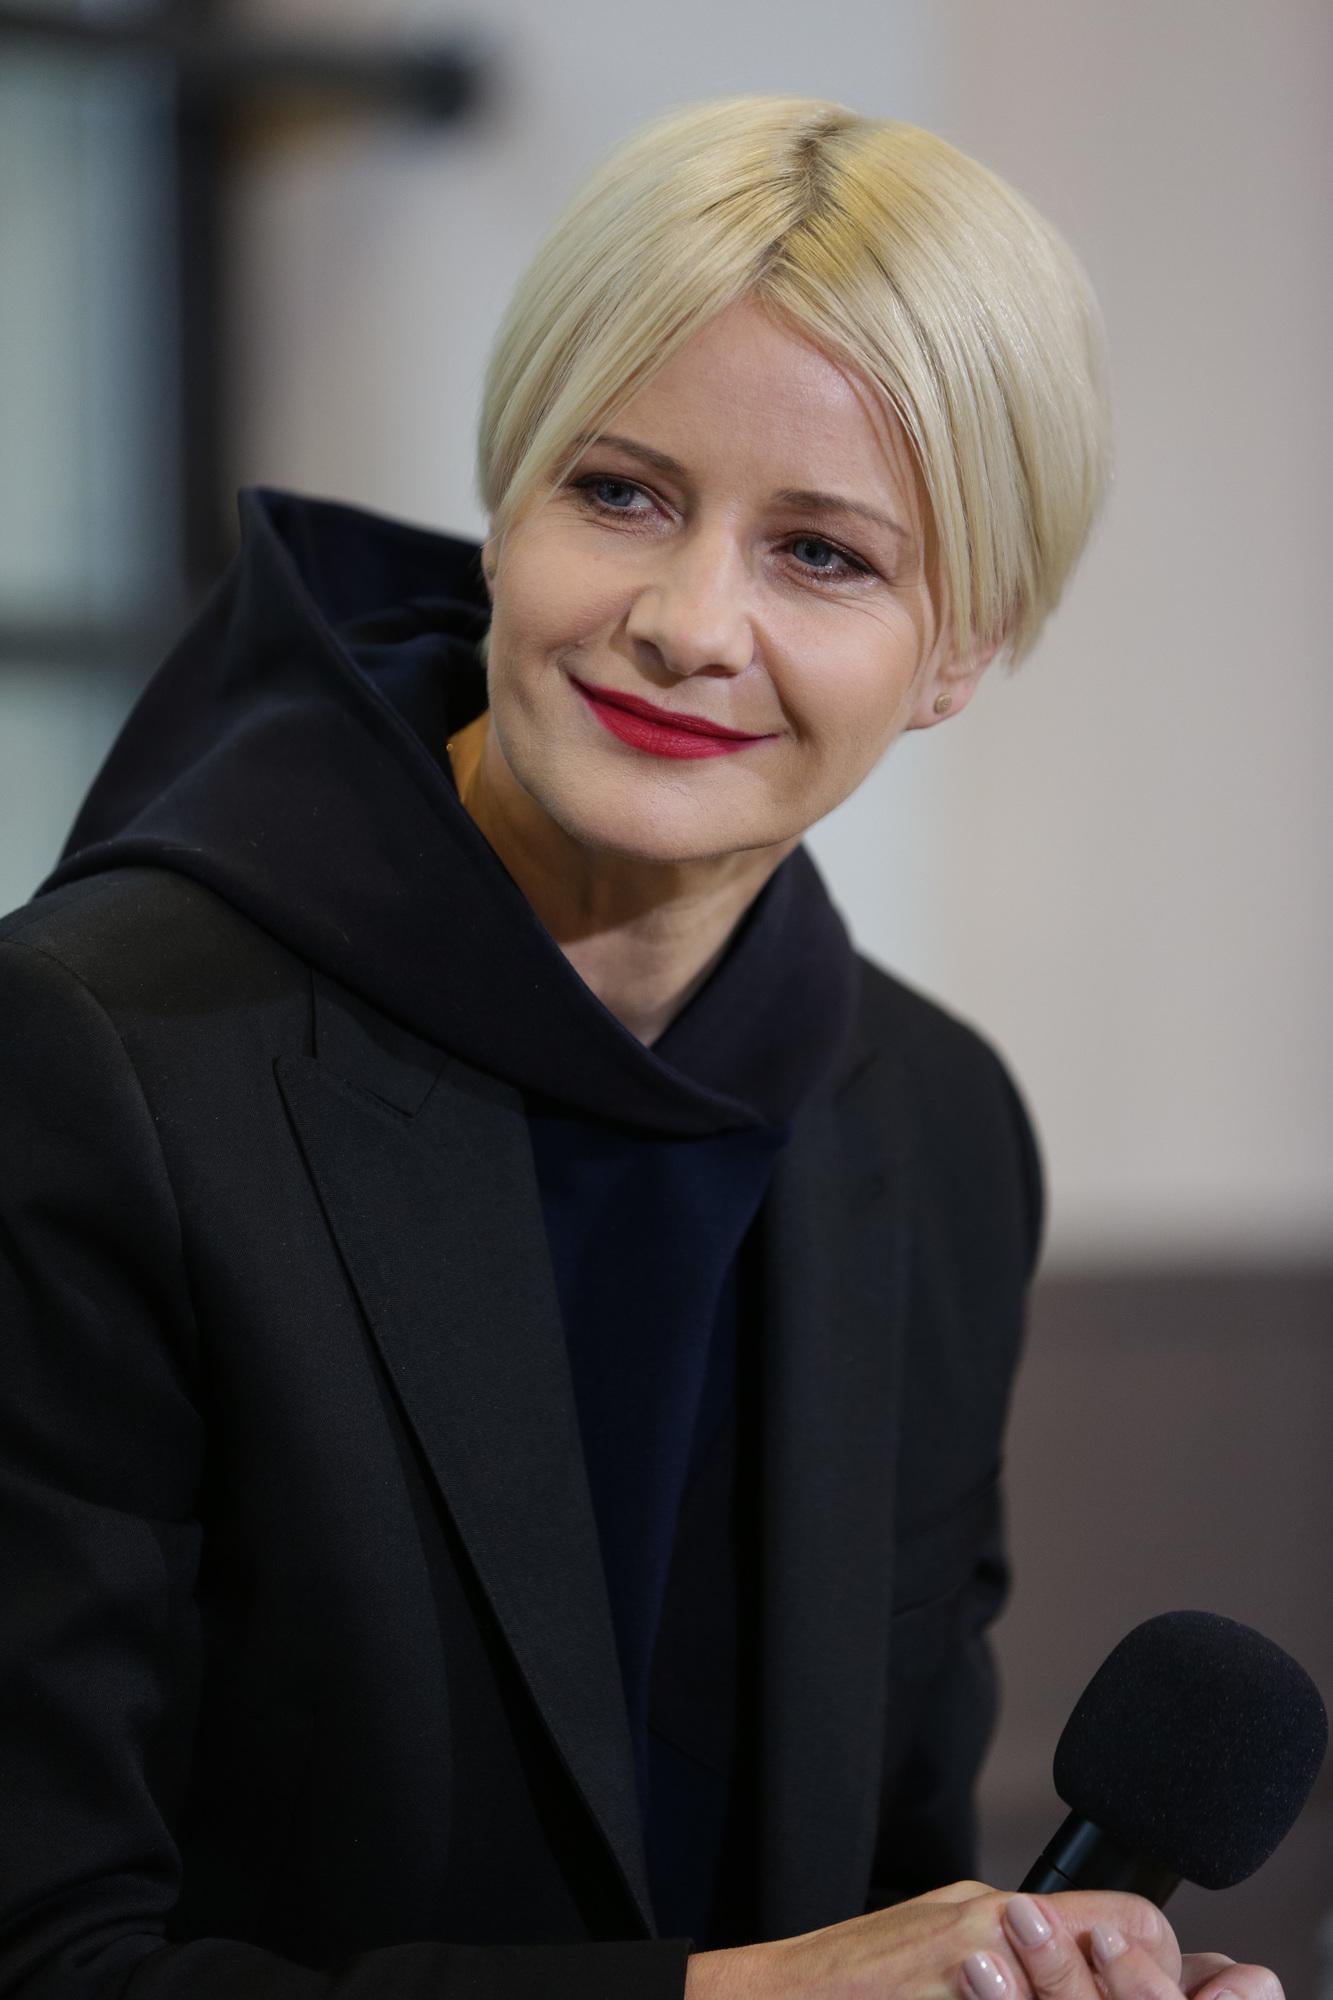 Małgorzata Kożuchowska na Off Camera Festiwalu w Krakowie w nowej fryzurze